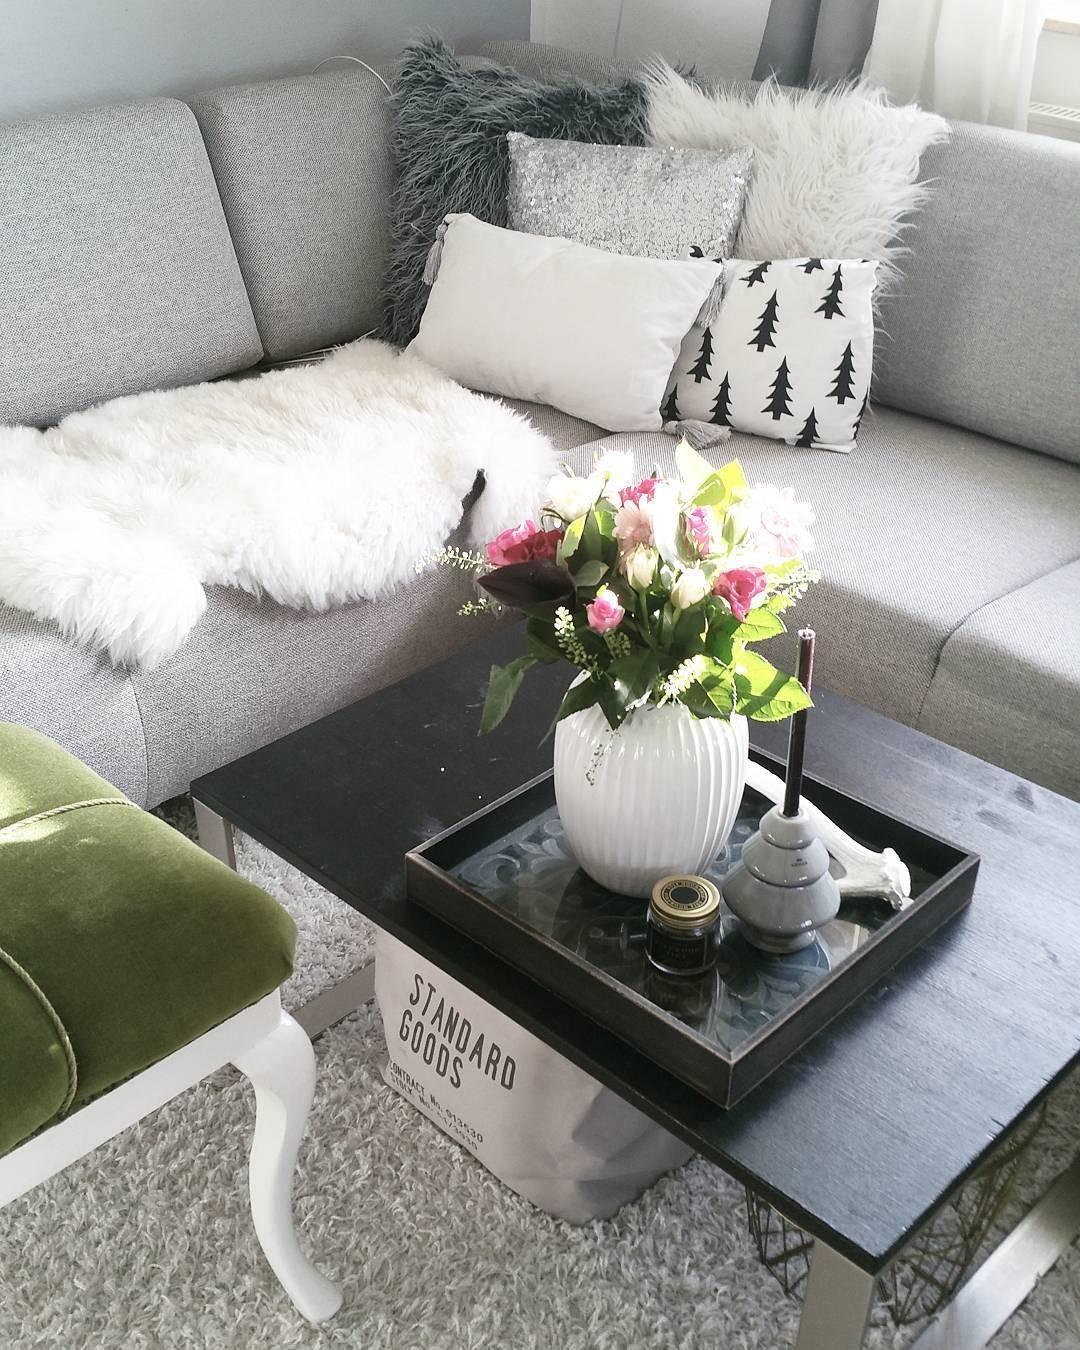 Beautiful Die Vase Hammershi In Strahlenden Wei Passt Perfekt In Dieses  Wohnzimmer Im Monochromen Look Das With Wohnzimmer Ideen Puristisch